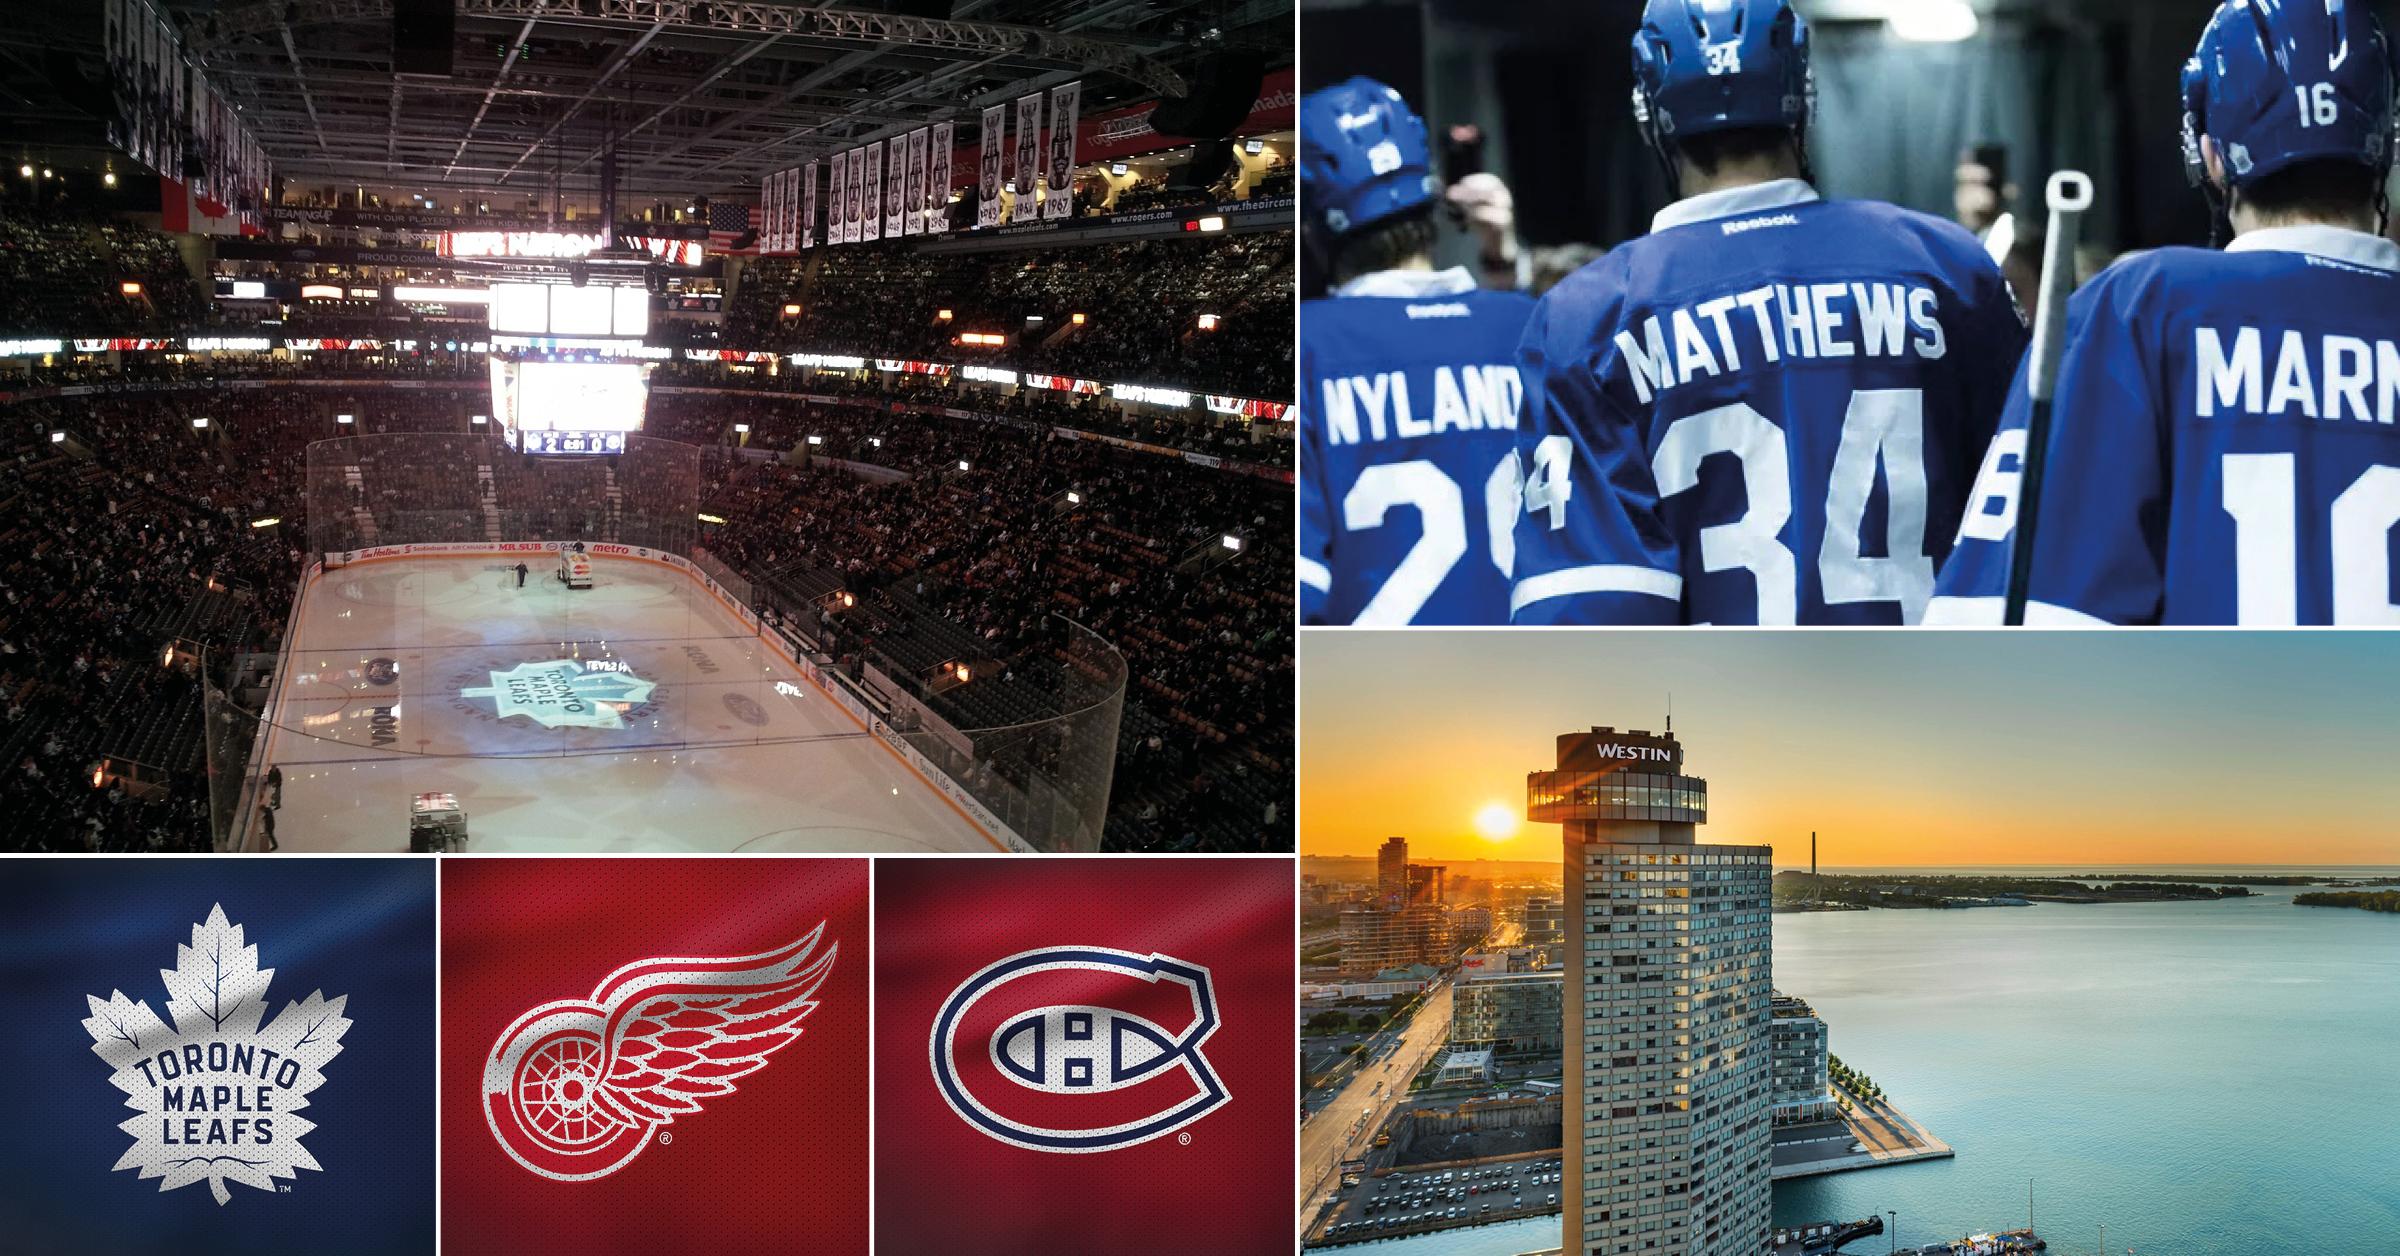 NHL-resa till Toronto1-6 april 2020 - Nu har du möjlighet att följa med på en oförglömlig hockeyresa till Toronto. Under resan till Toronto kommer du att få uppleva två matcher i Scotiabank Arena, grundseriens två sista matcher mot Detroit Red Wings och derbyt mot rivalen Montreal Canadiens. På fyrstjärniga The Westin Harbour Hotel lär du trivas under vistelsen.